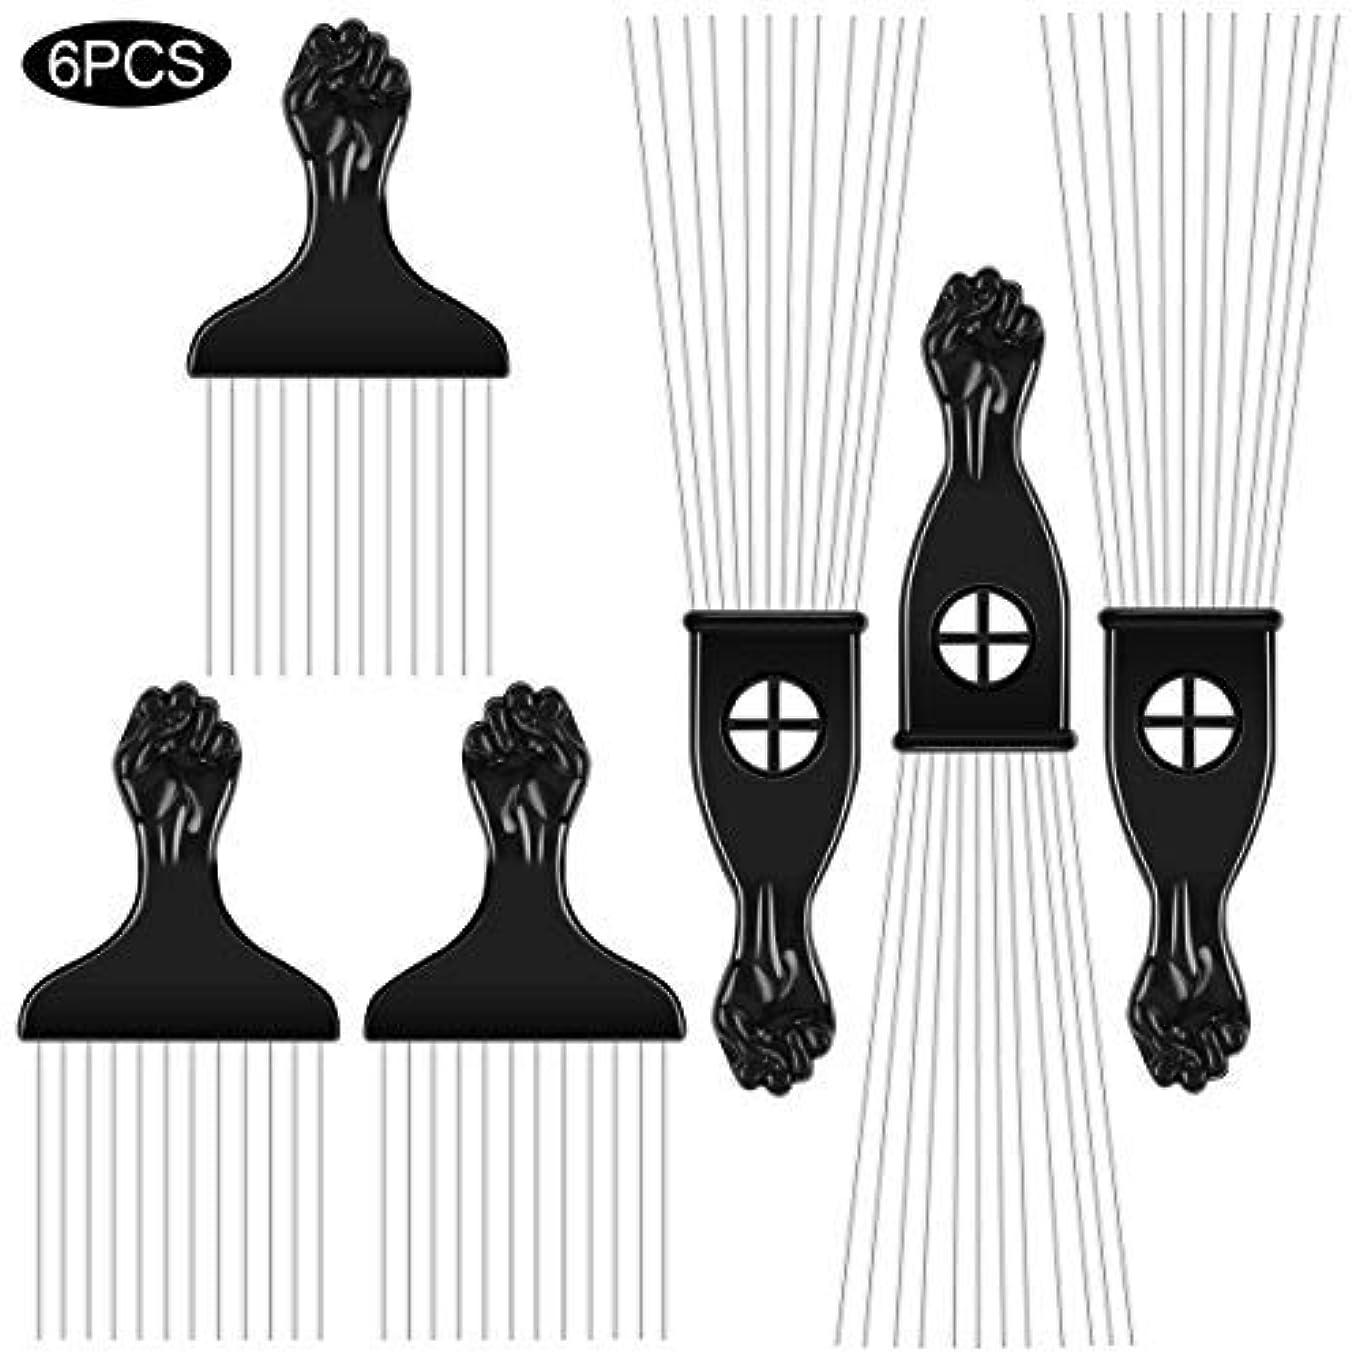 一節差別的一時解雇する6PCS Afro Combs Metal African American black Fist Pick Comb Hairdressing Styling Tool [並行輸入品]